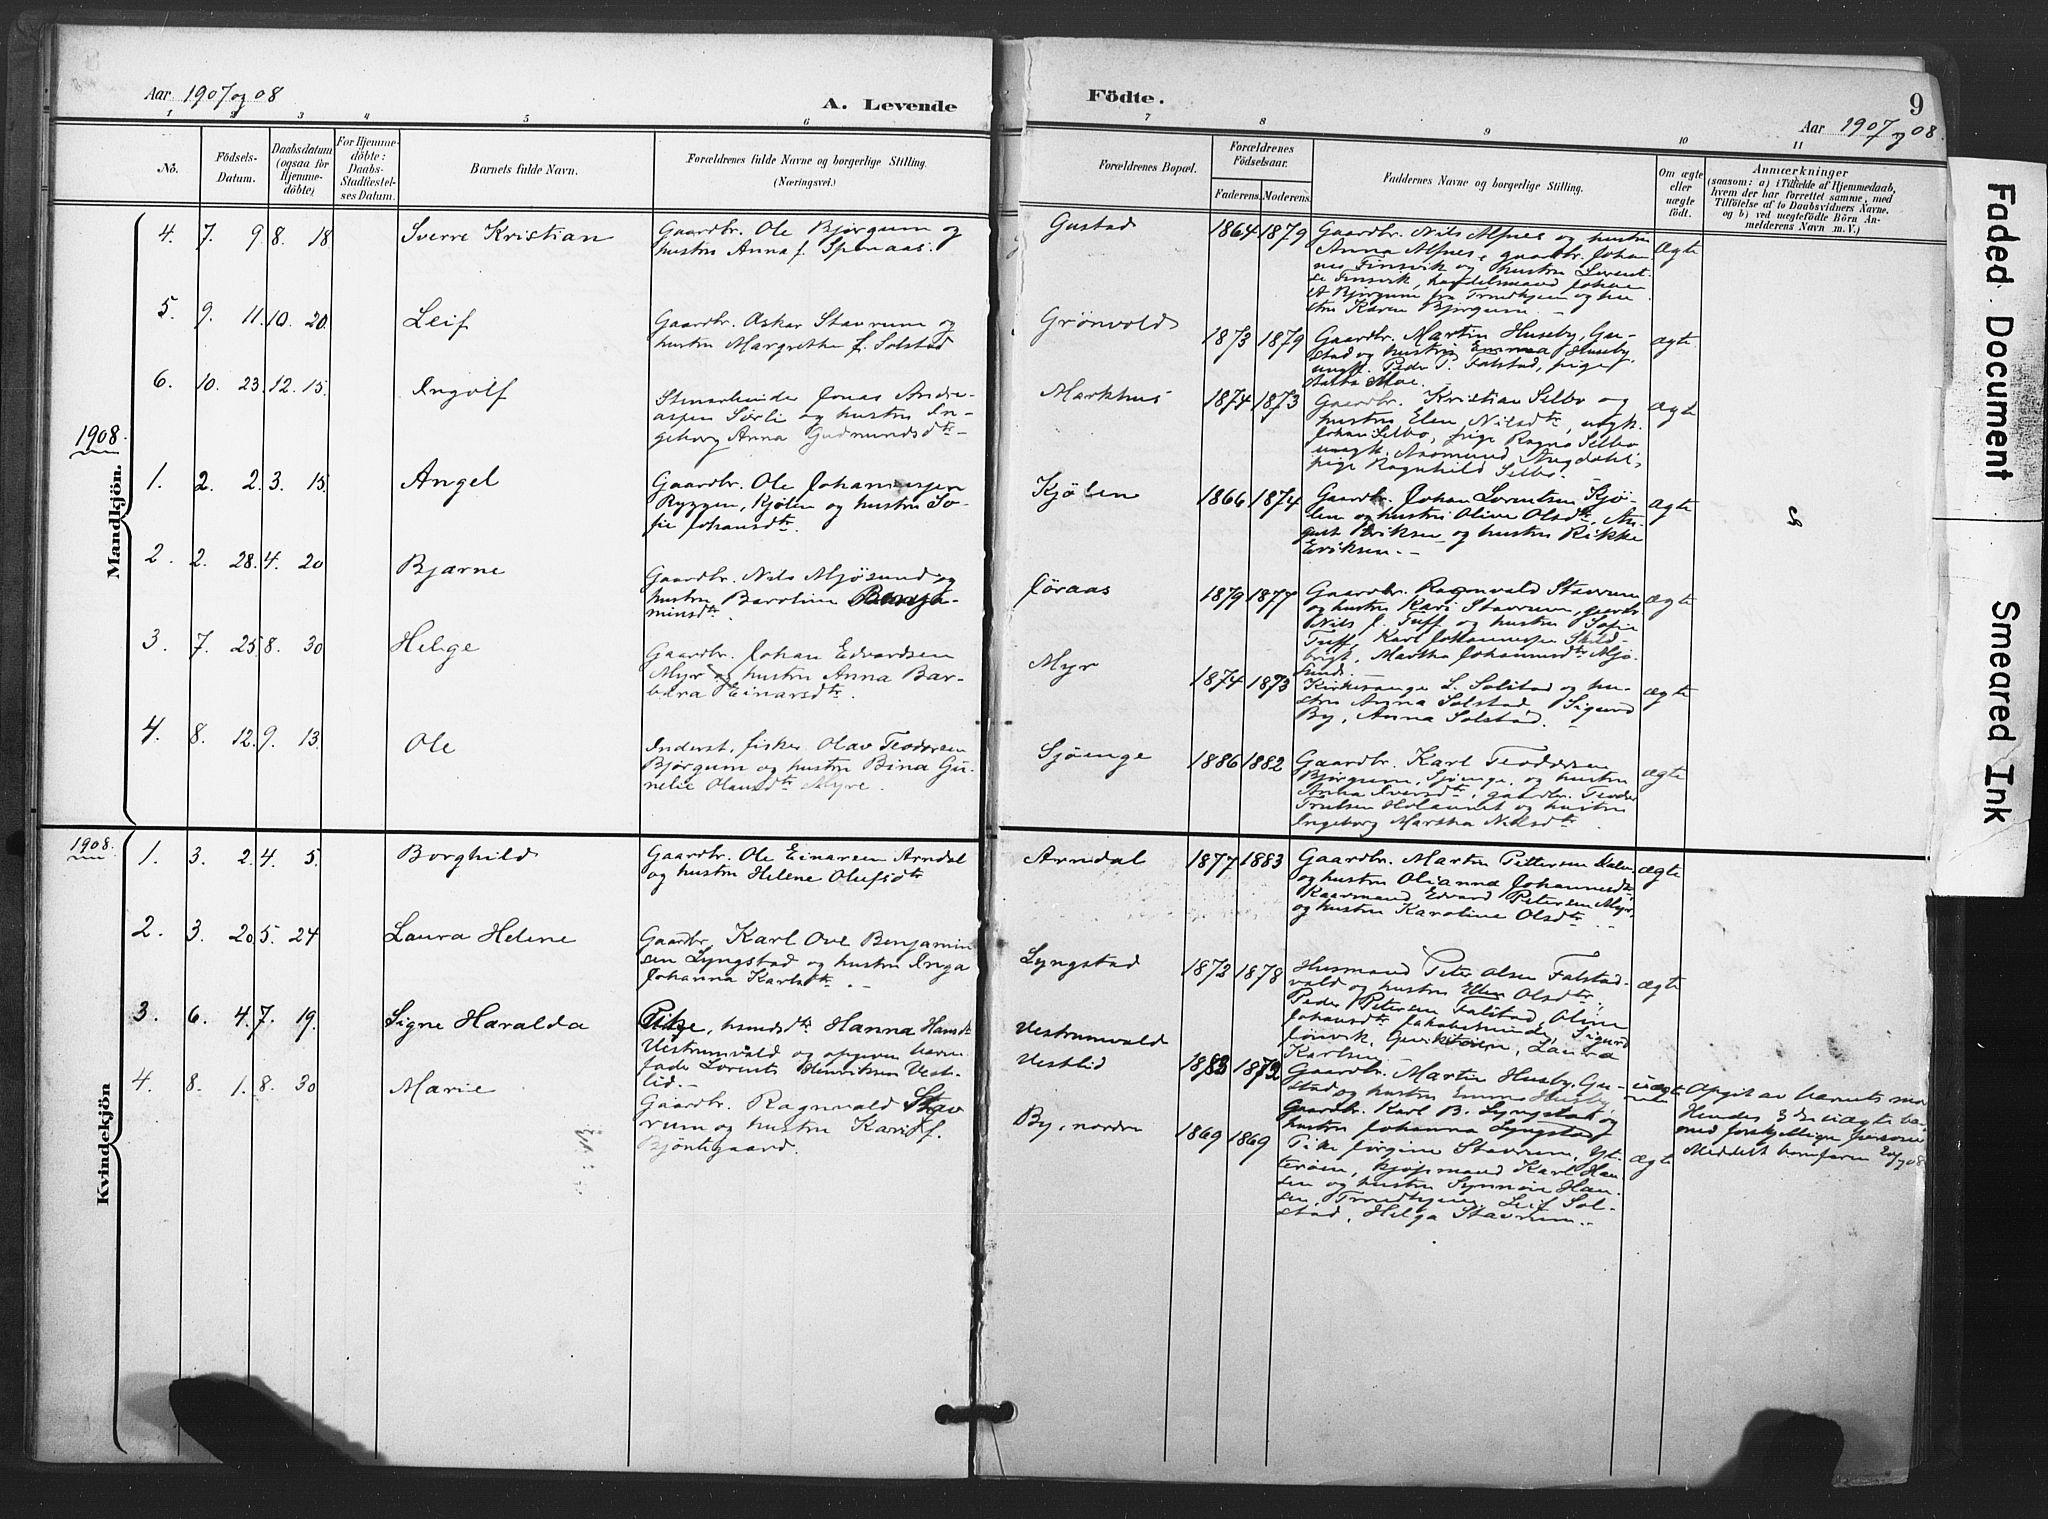 SAT, Ministerialprotokoller, klokkerbøker og fødselsregistre - Nord-Trøndelag, 719/L0179: Ministerialbok nr. 719A02, 1901-1923, s. 9